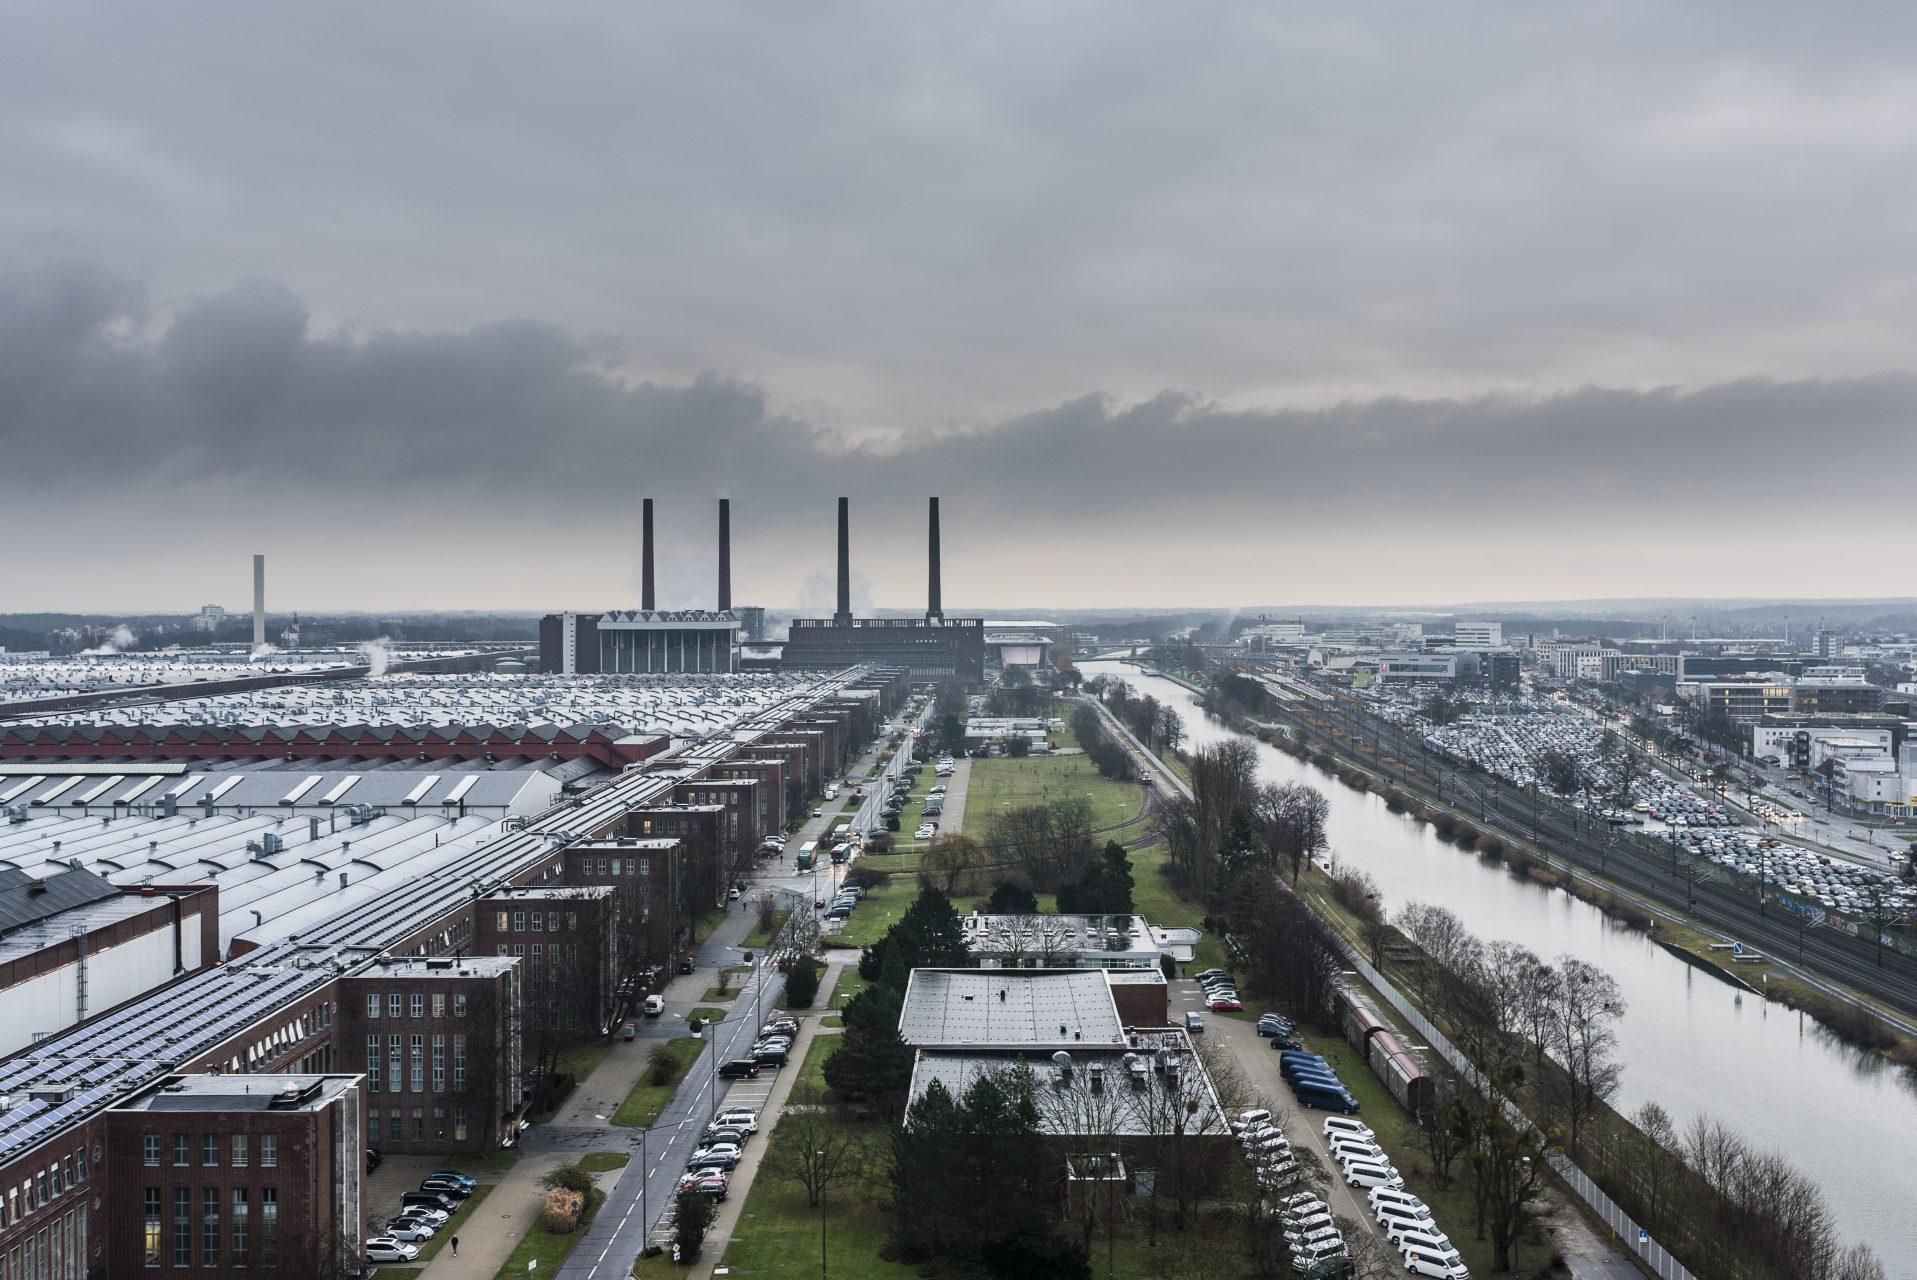 VW Markenhochhaus Wolfsburg. Werksgelände © Moritz Küstner / Agentur Focus